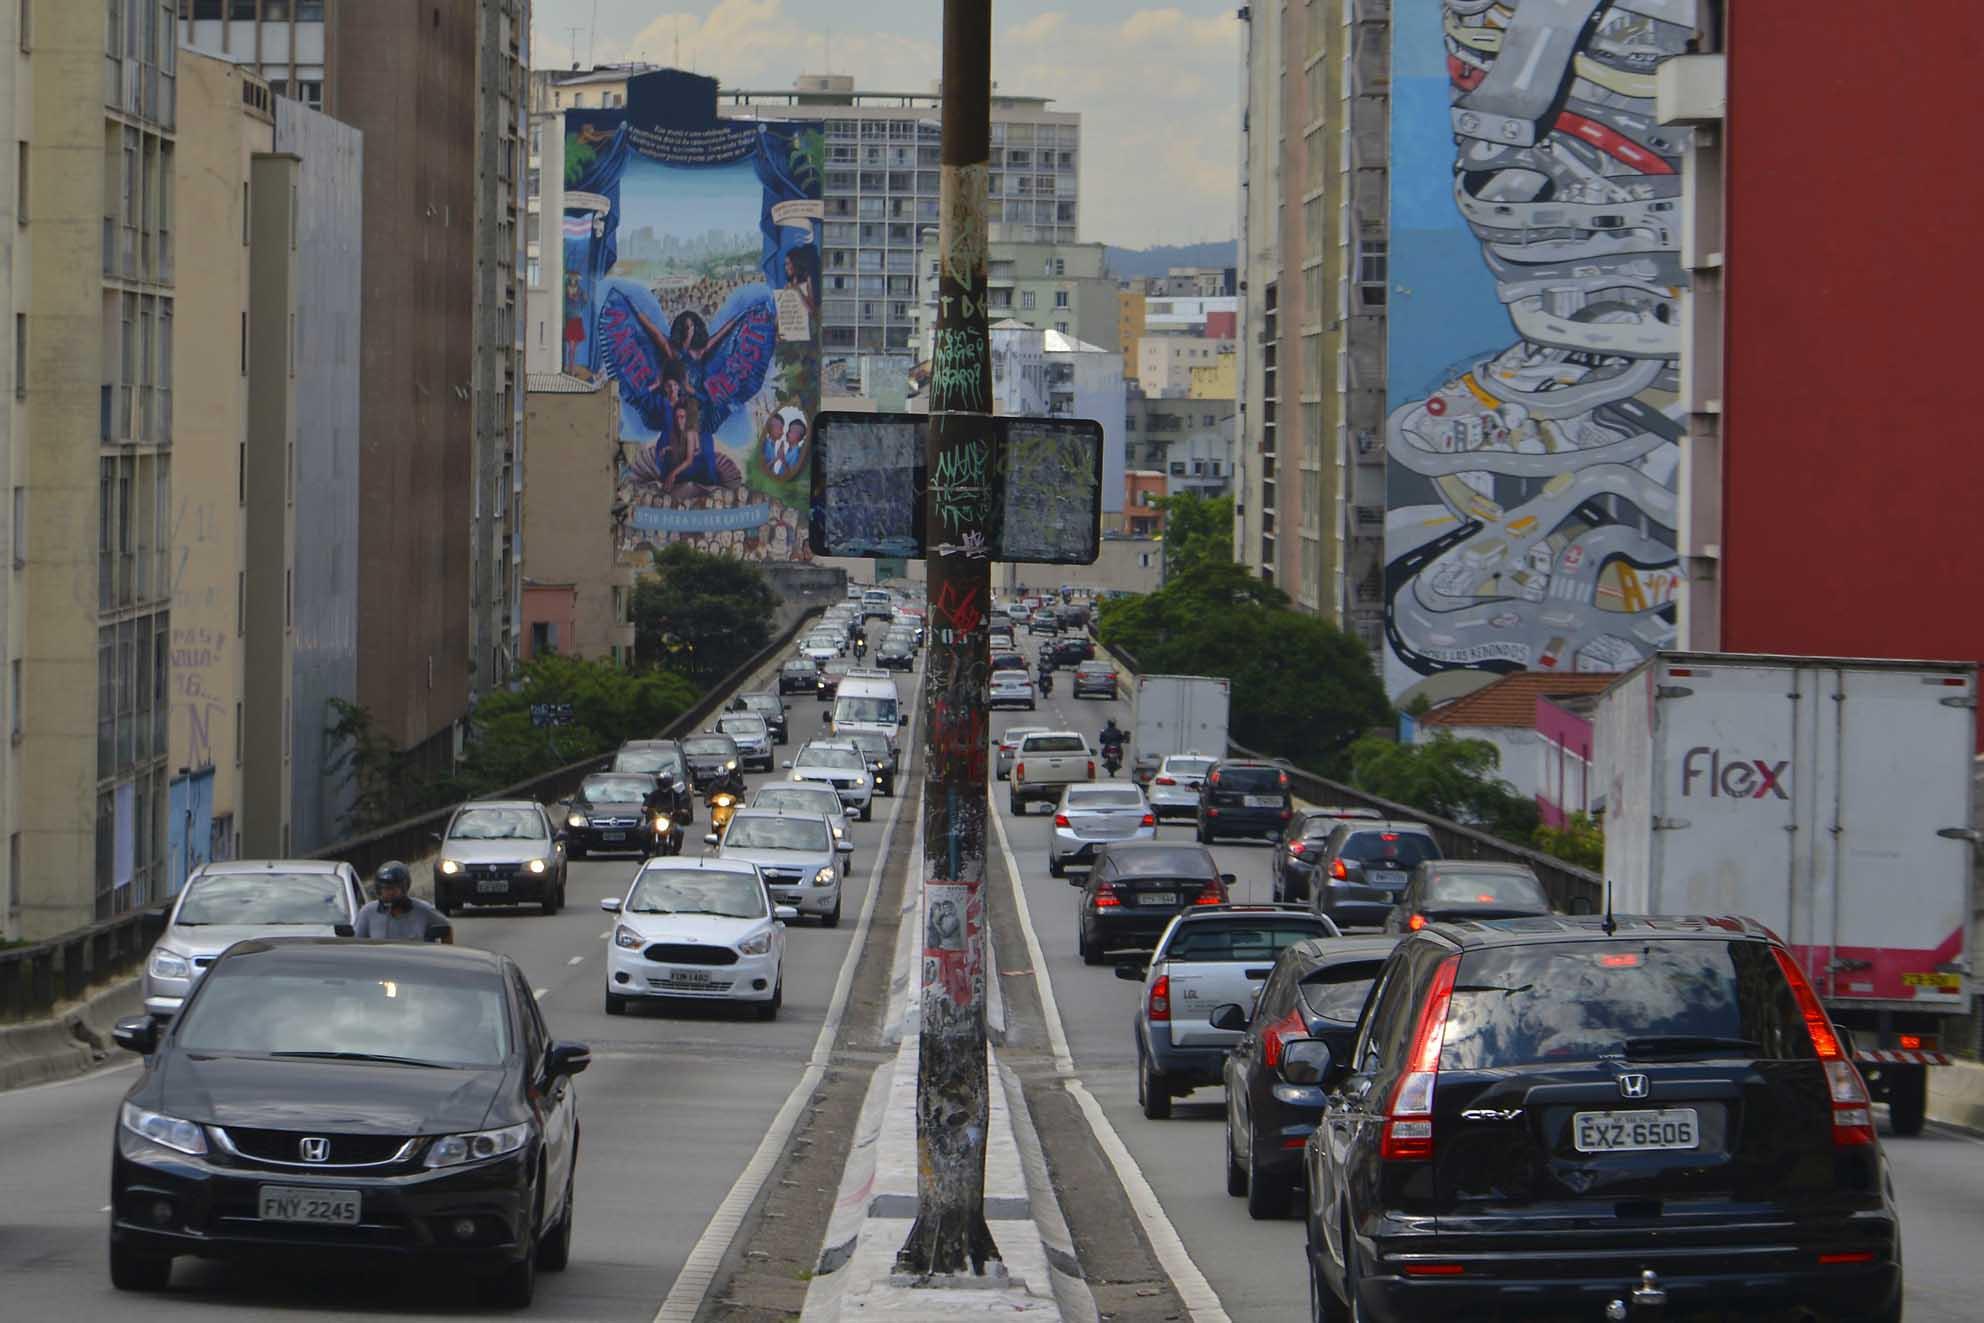 Trânsito brasileiro é mortal: Salvador foi a única cidade brasileira a responder positivamente ao desafio da ONU de reduzir pela metade os óbitos de trânsito